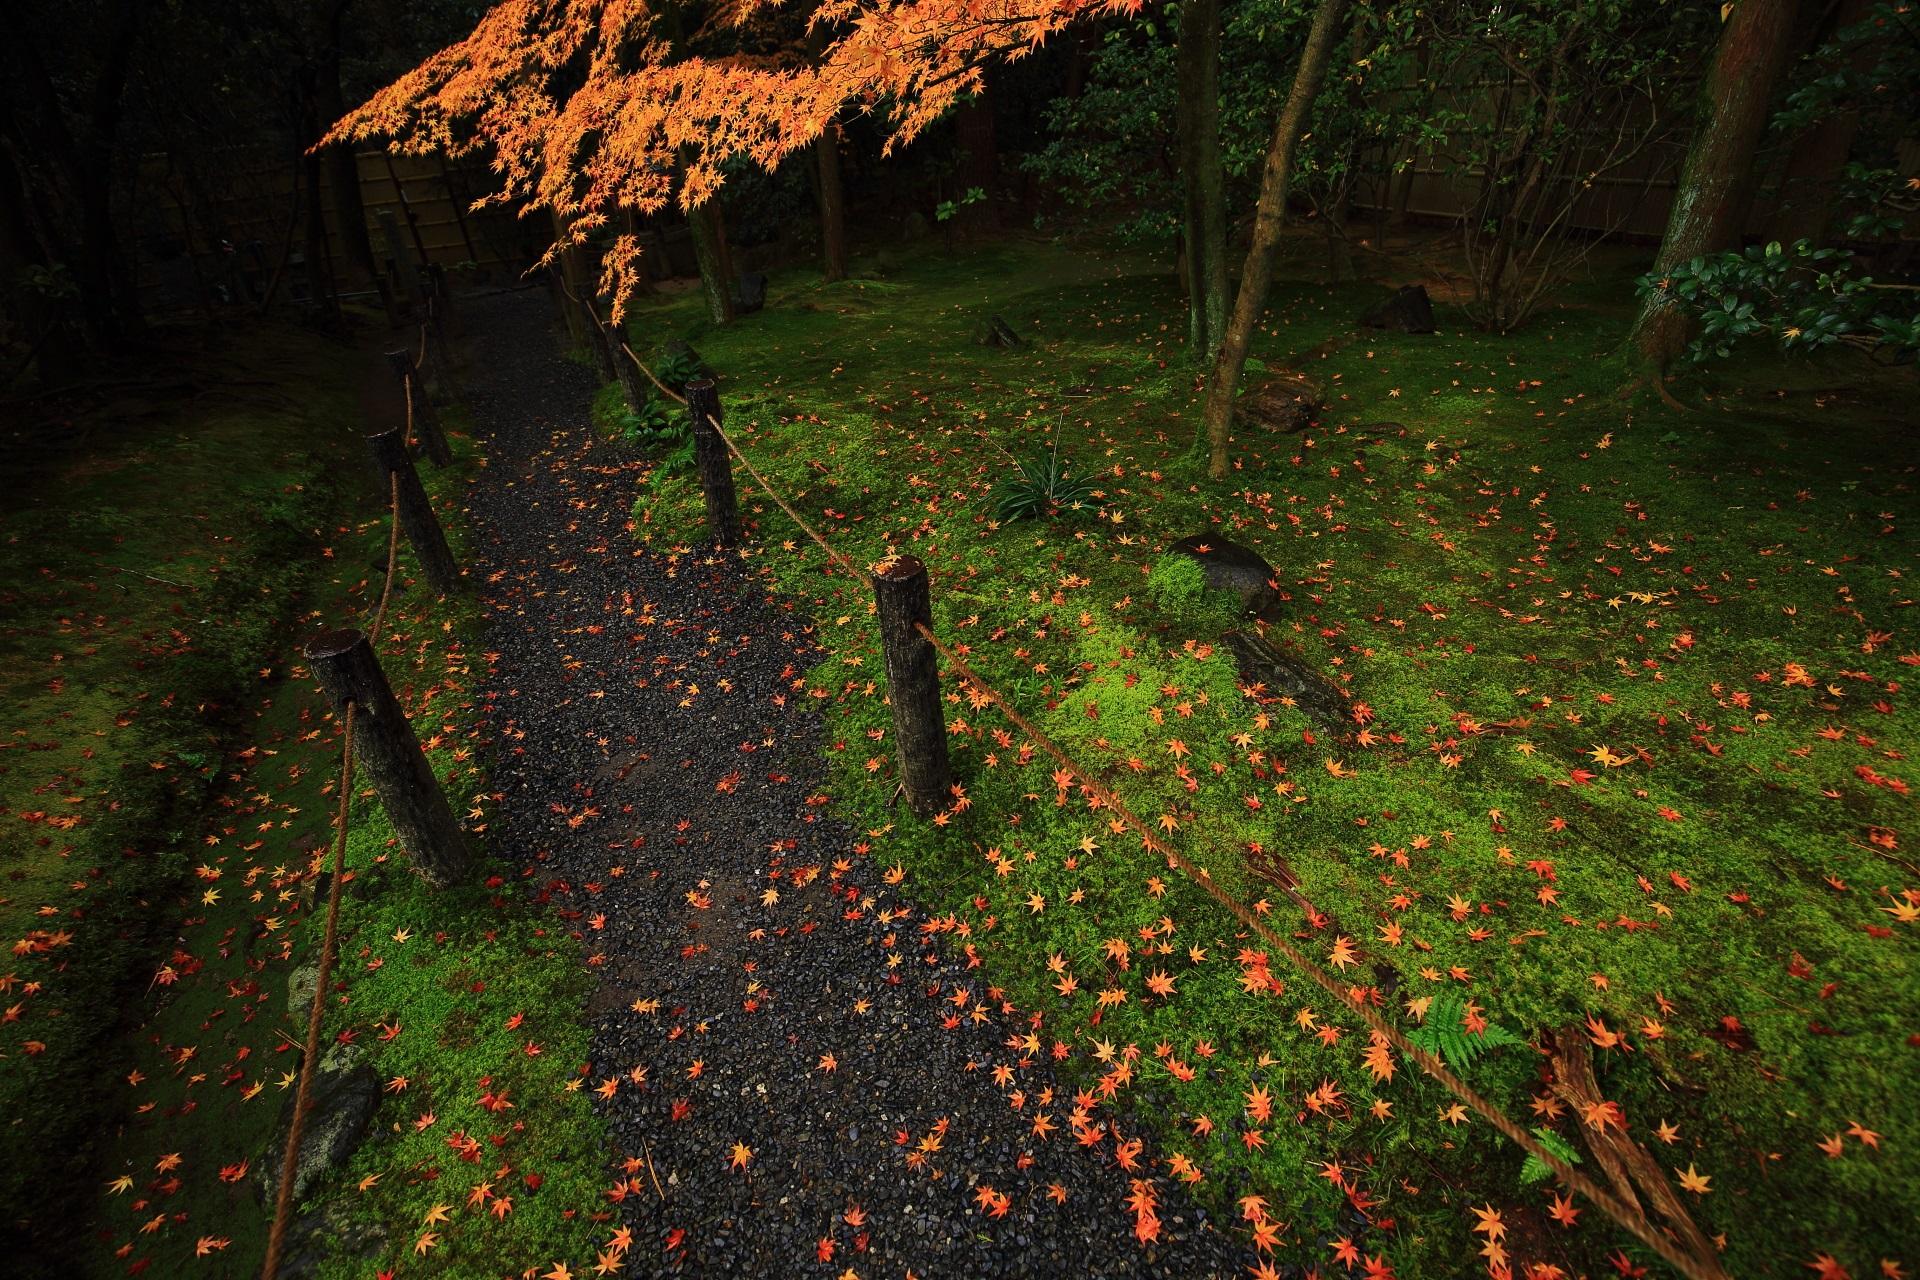 美しい緑の苔に散る可愛いく華やかな散り紅葉